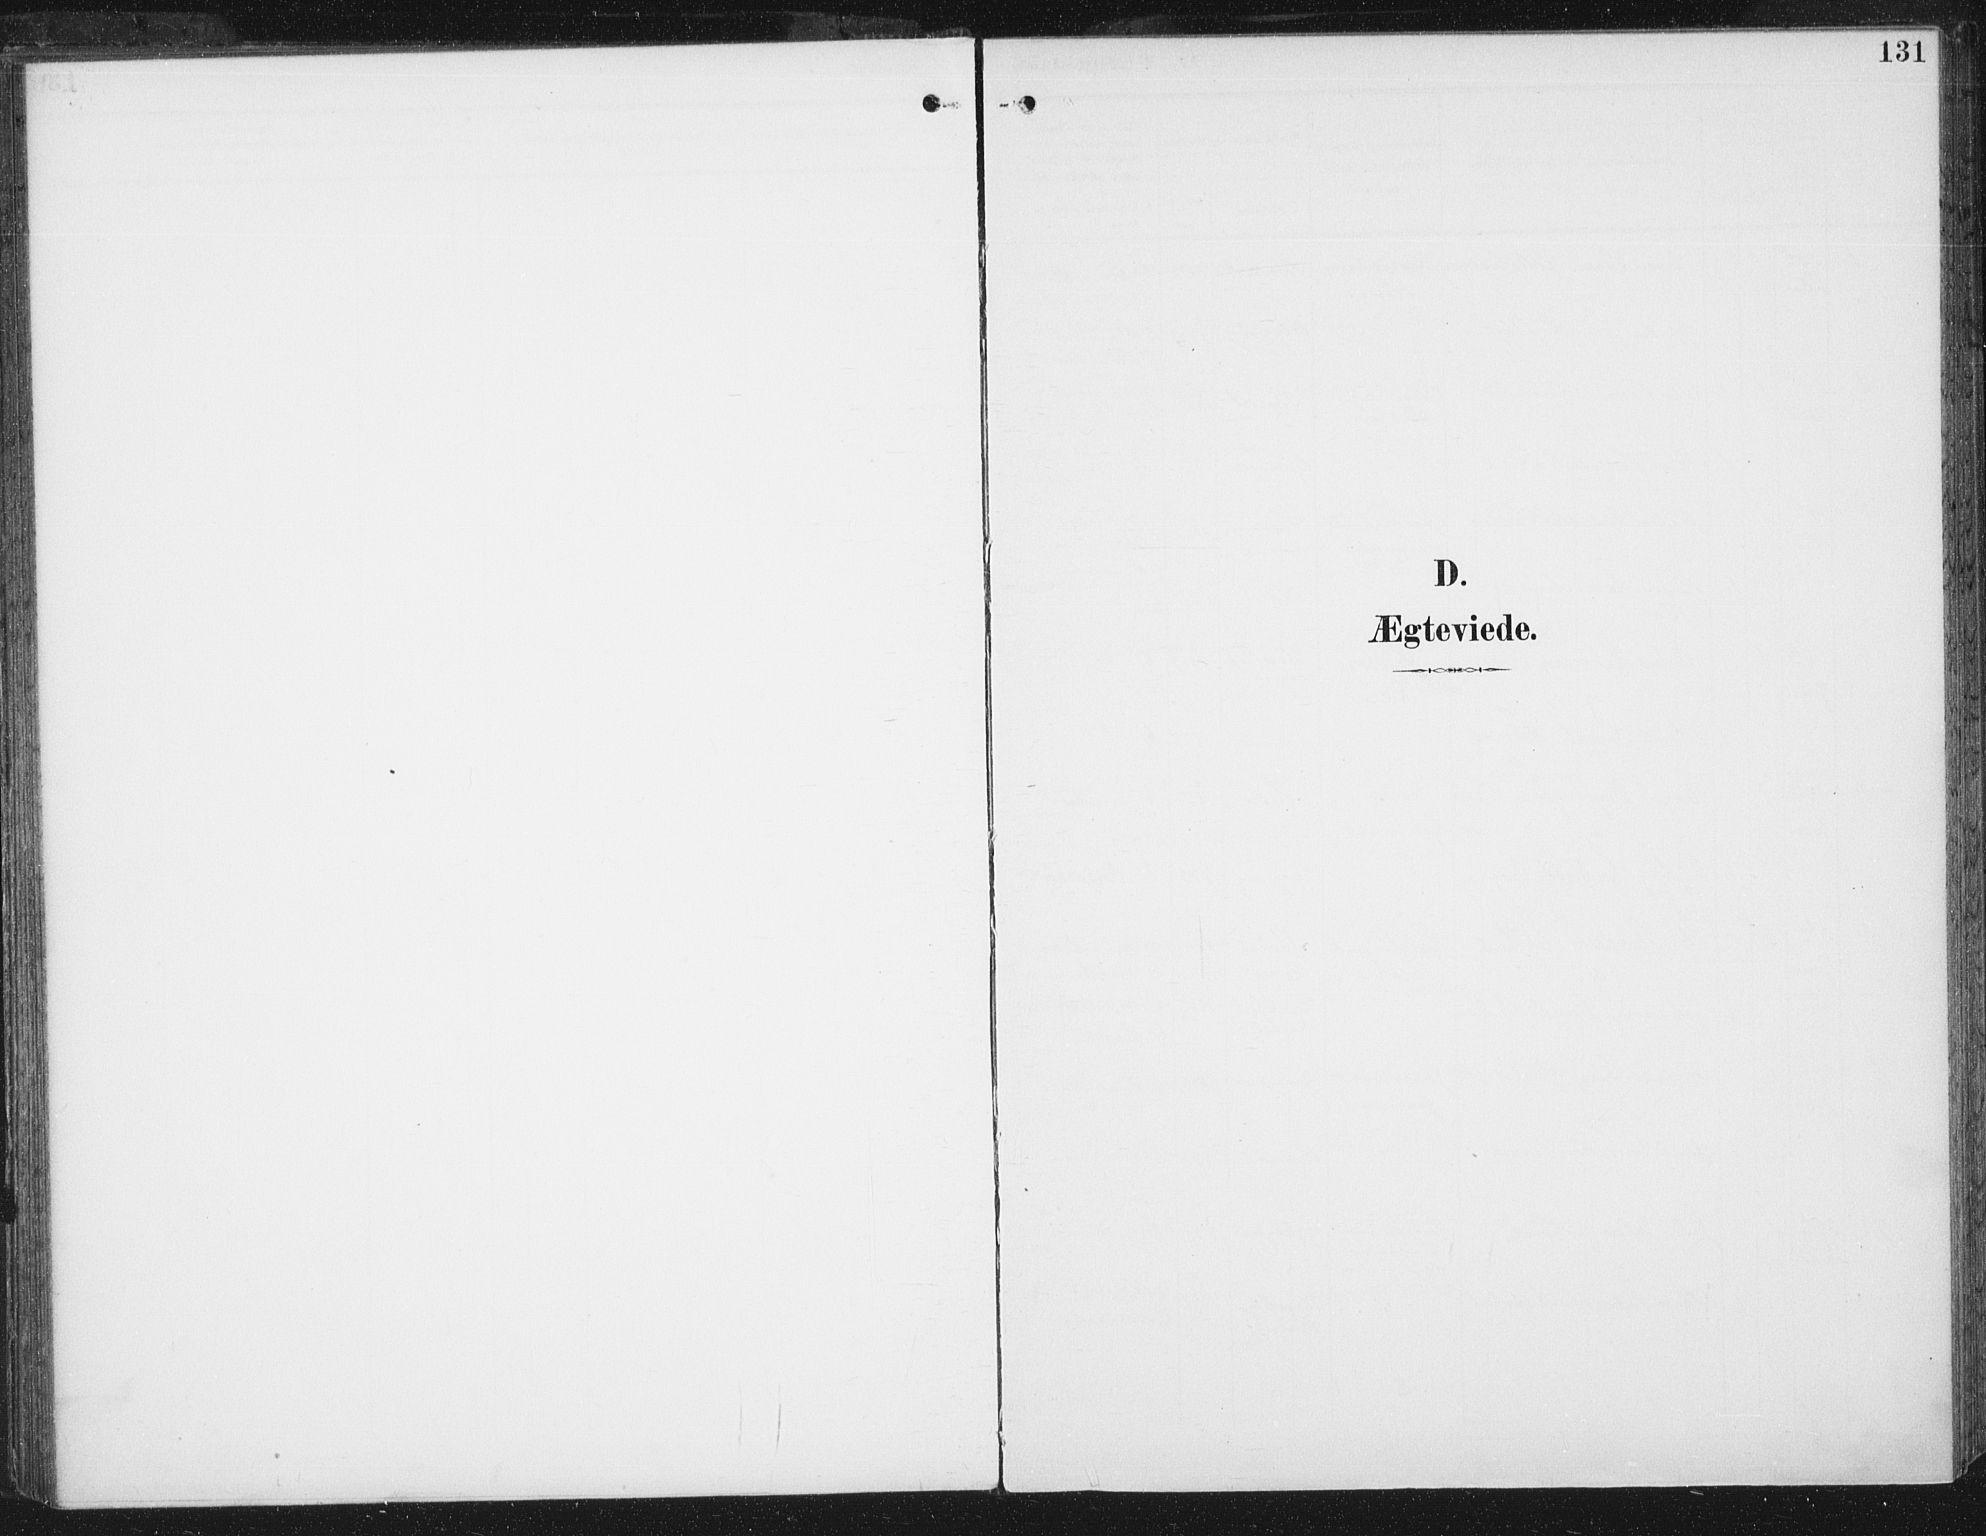 SAT, Ministerialprotokoller, klokkerbøker og fødselsregistre - Sør-Trøndelag, 674/L0872: Ministerialbok nr. 674A04, 1897-1907, s. 131